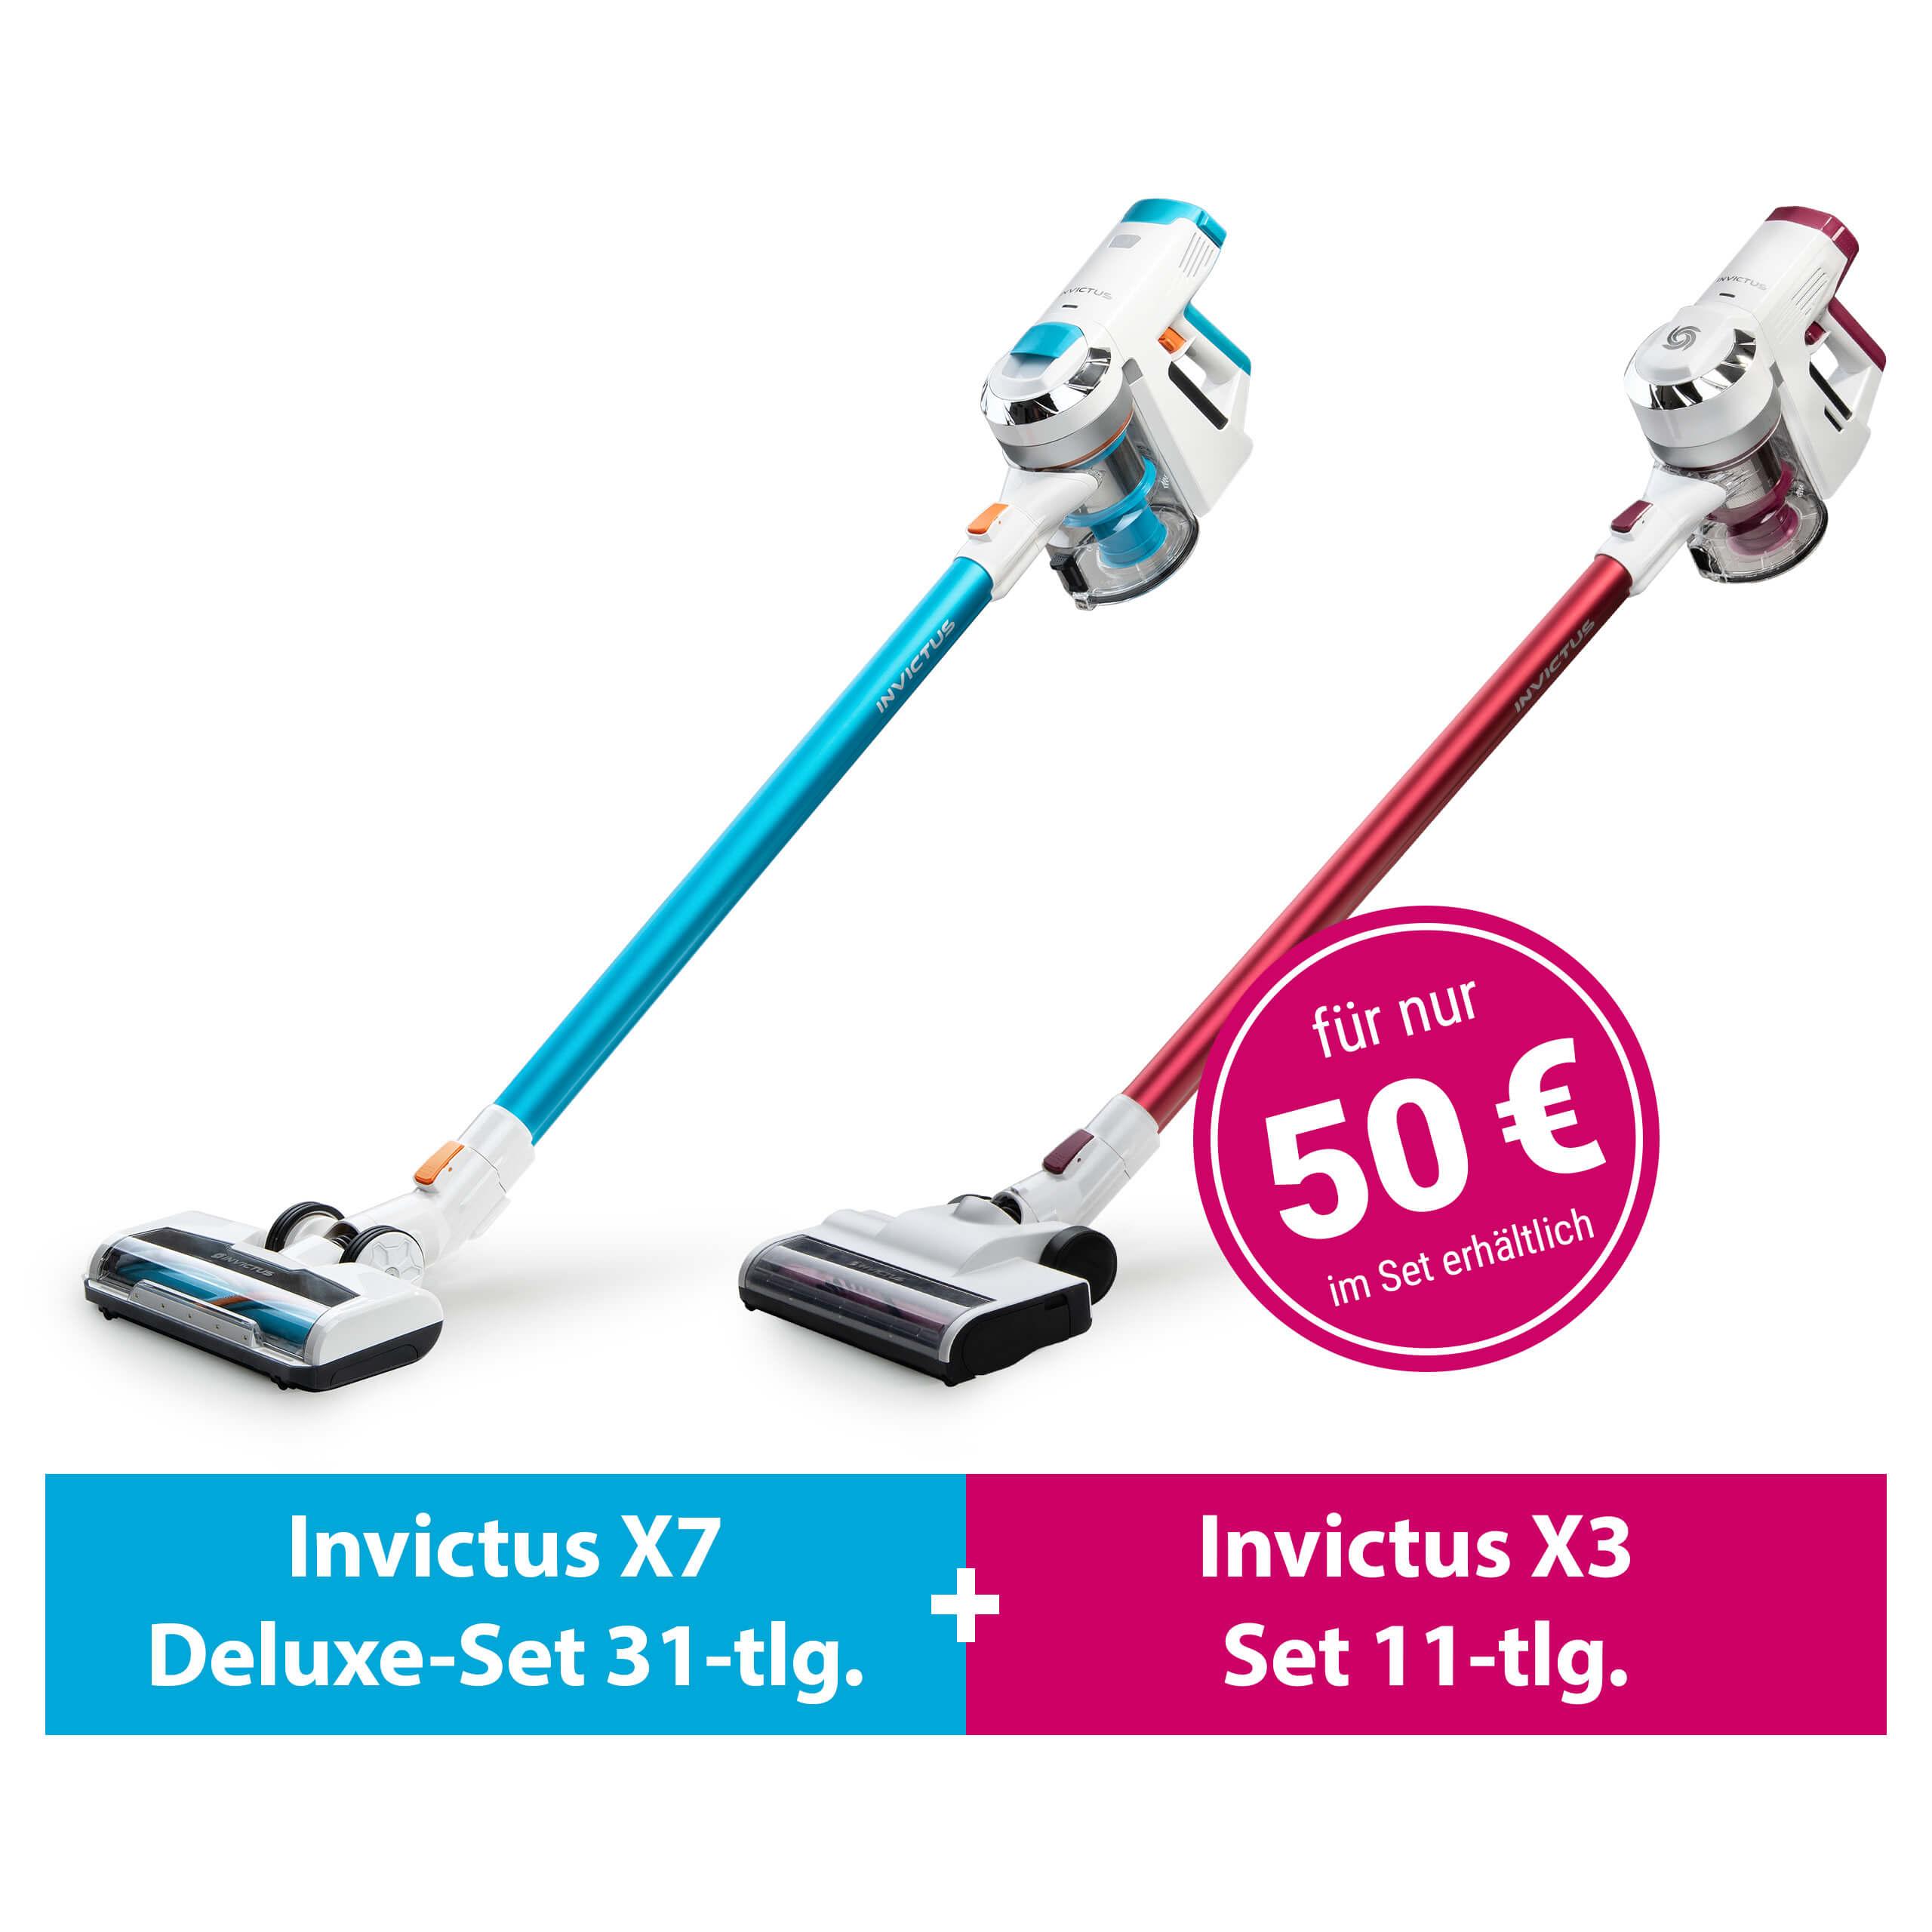 Invictus X7 und X3 (Set 42-tlg.) | Akkustaubsauger inkl. Zubehör